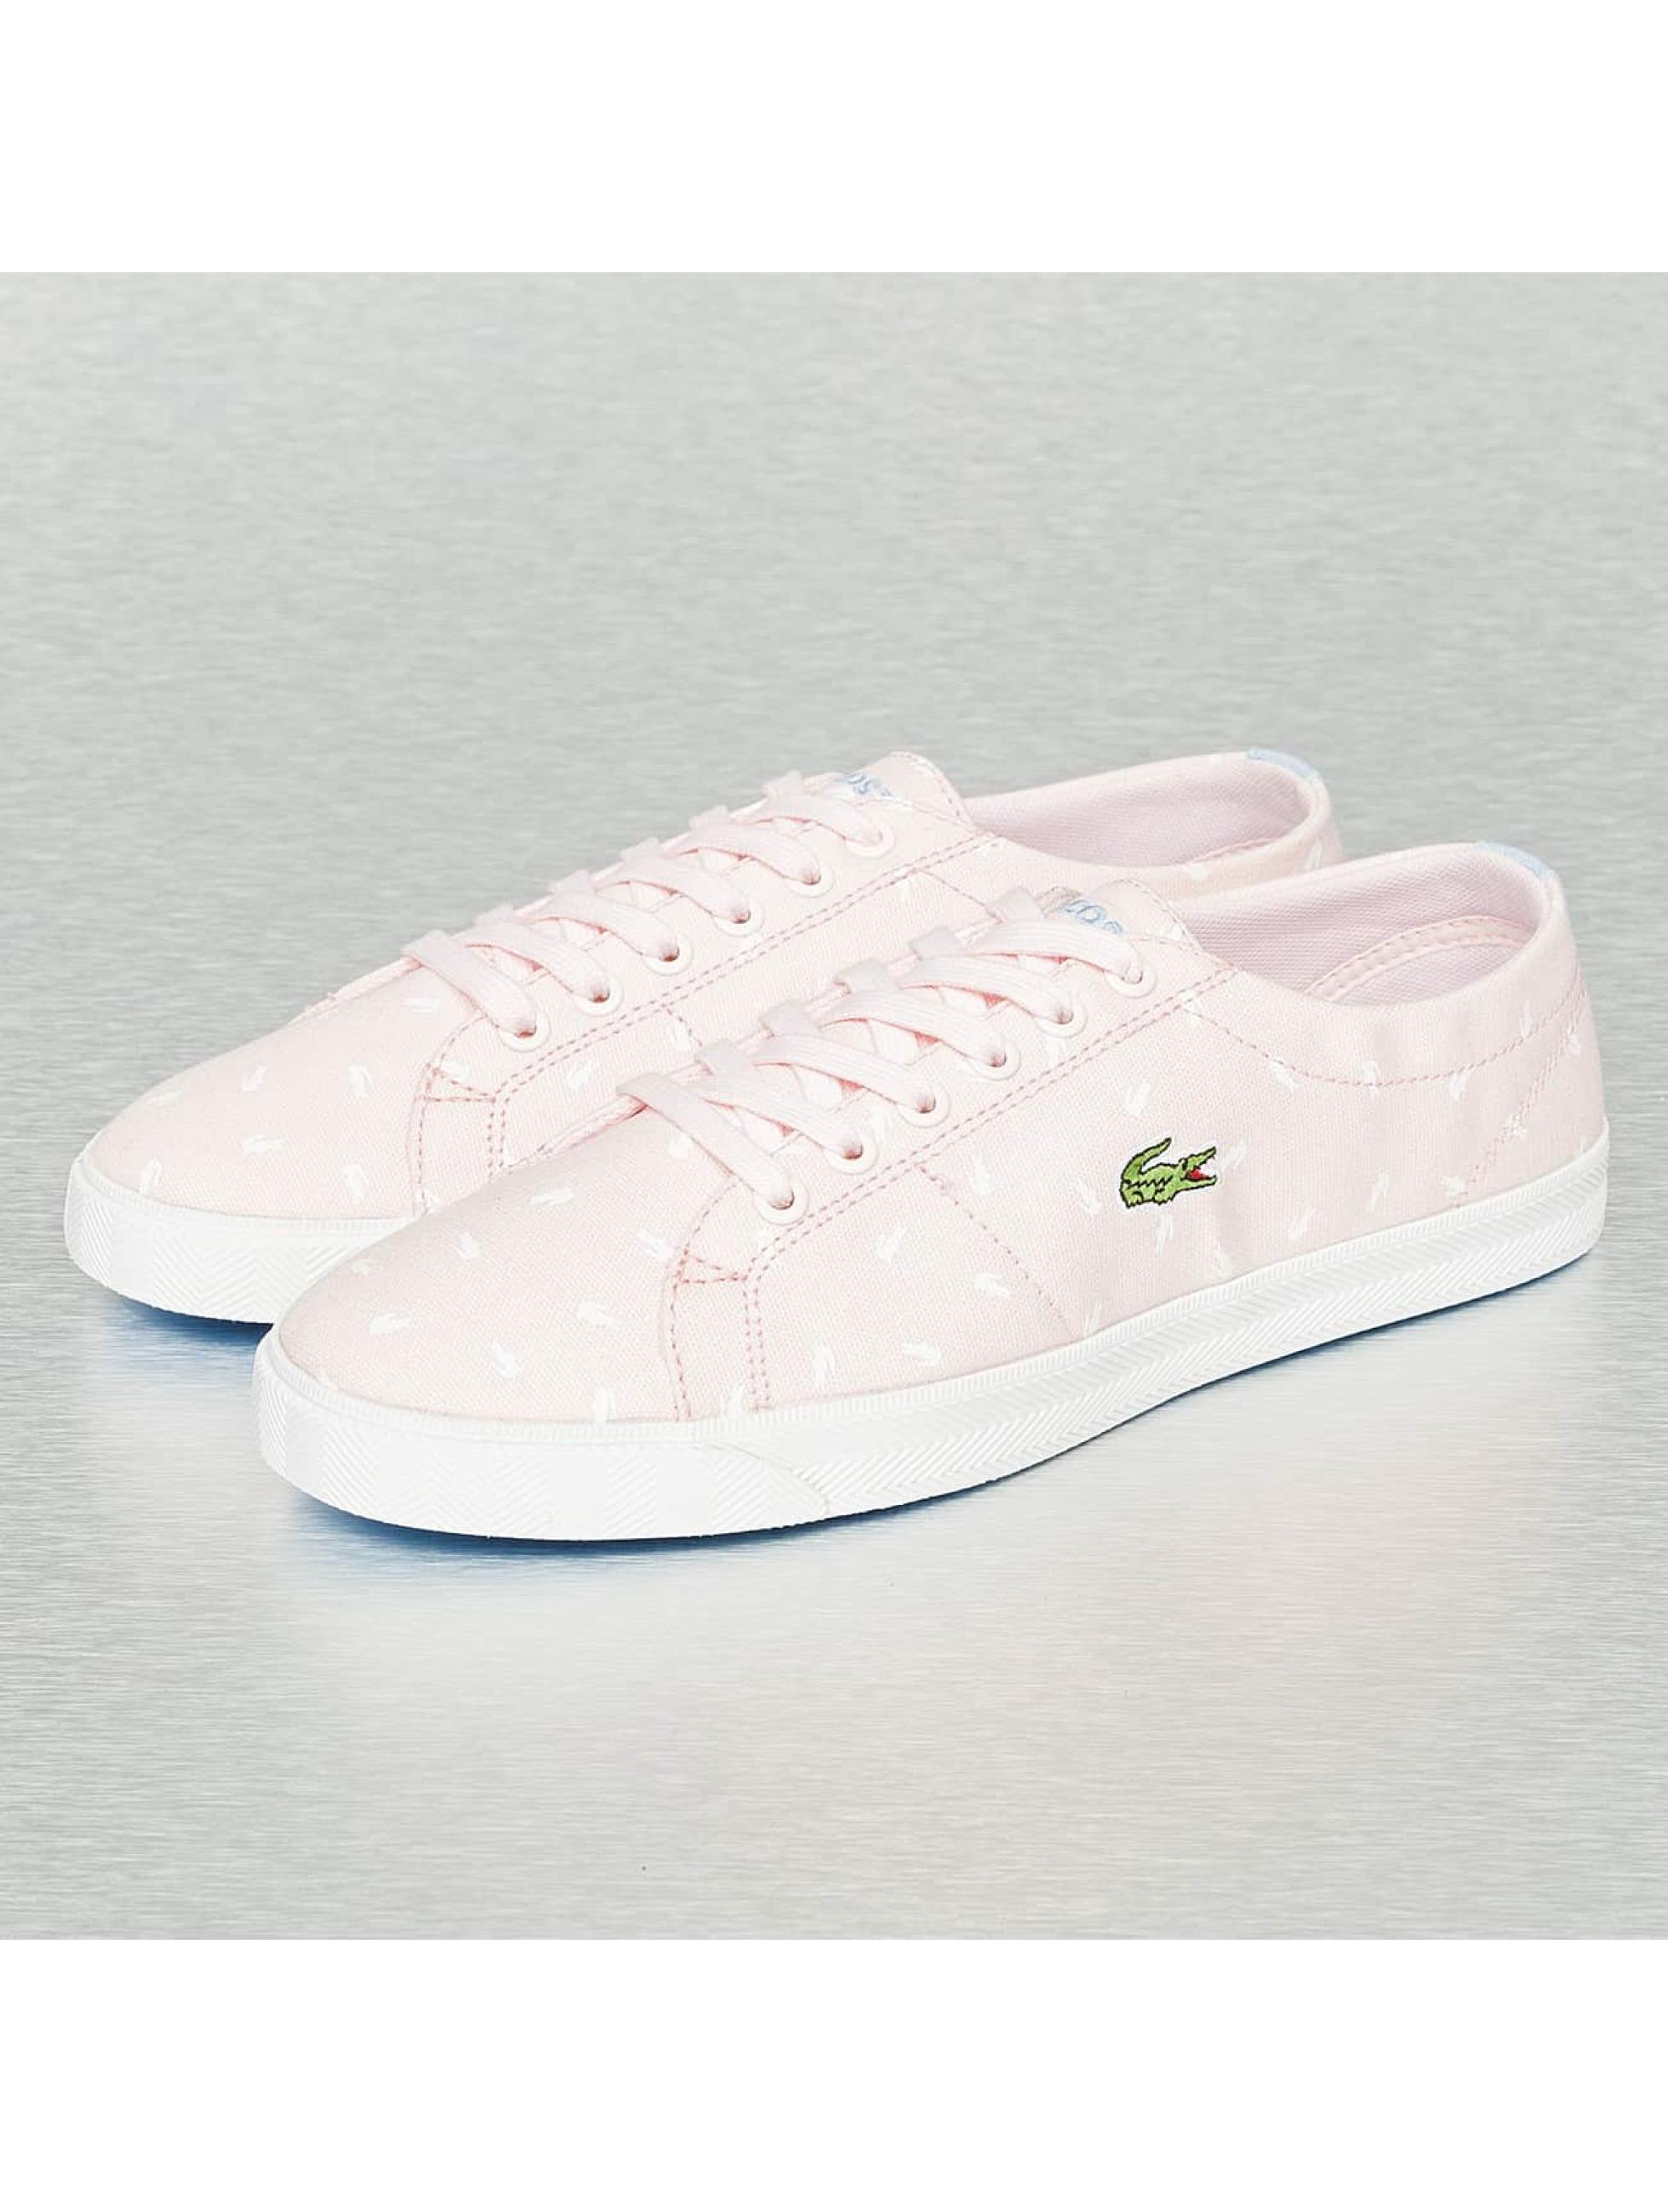 Sneaker Marcel Lace Up 116 SPJ in pink